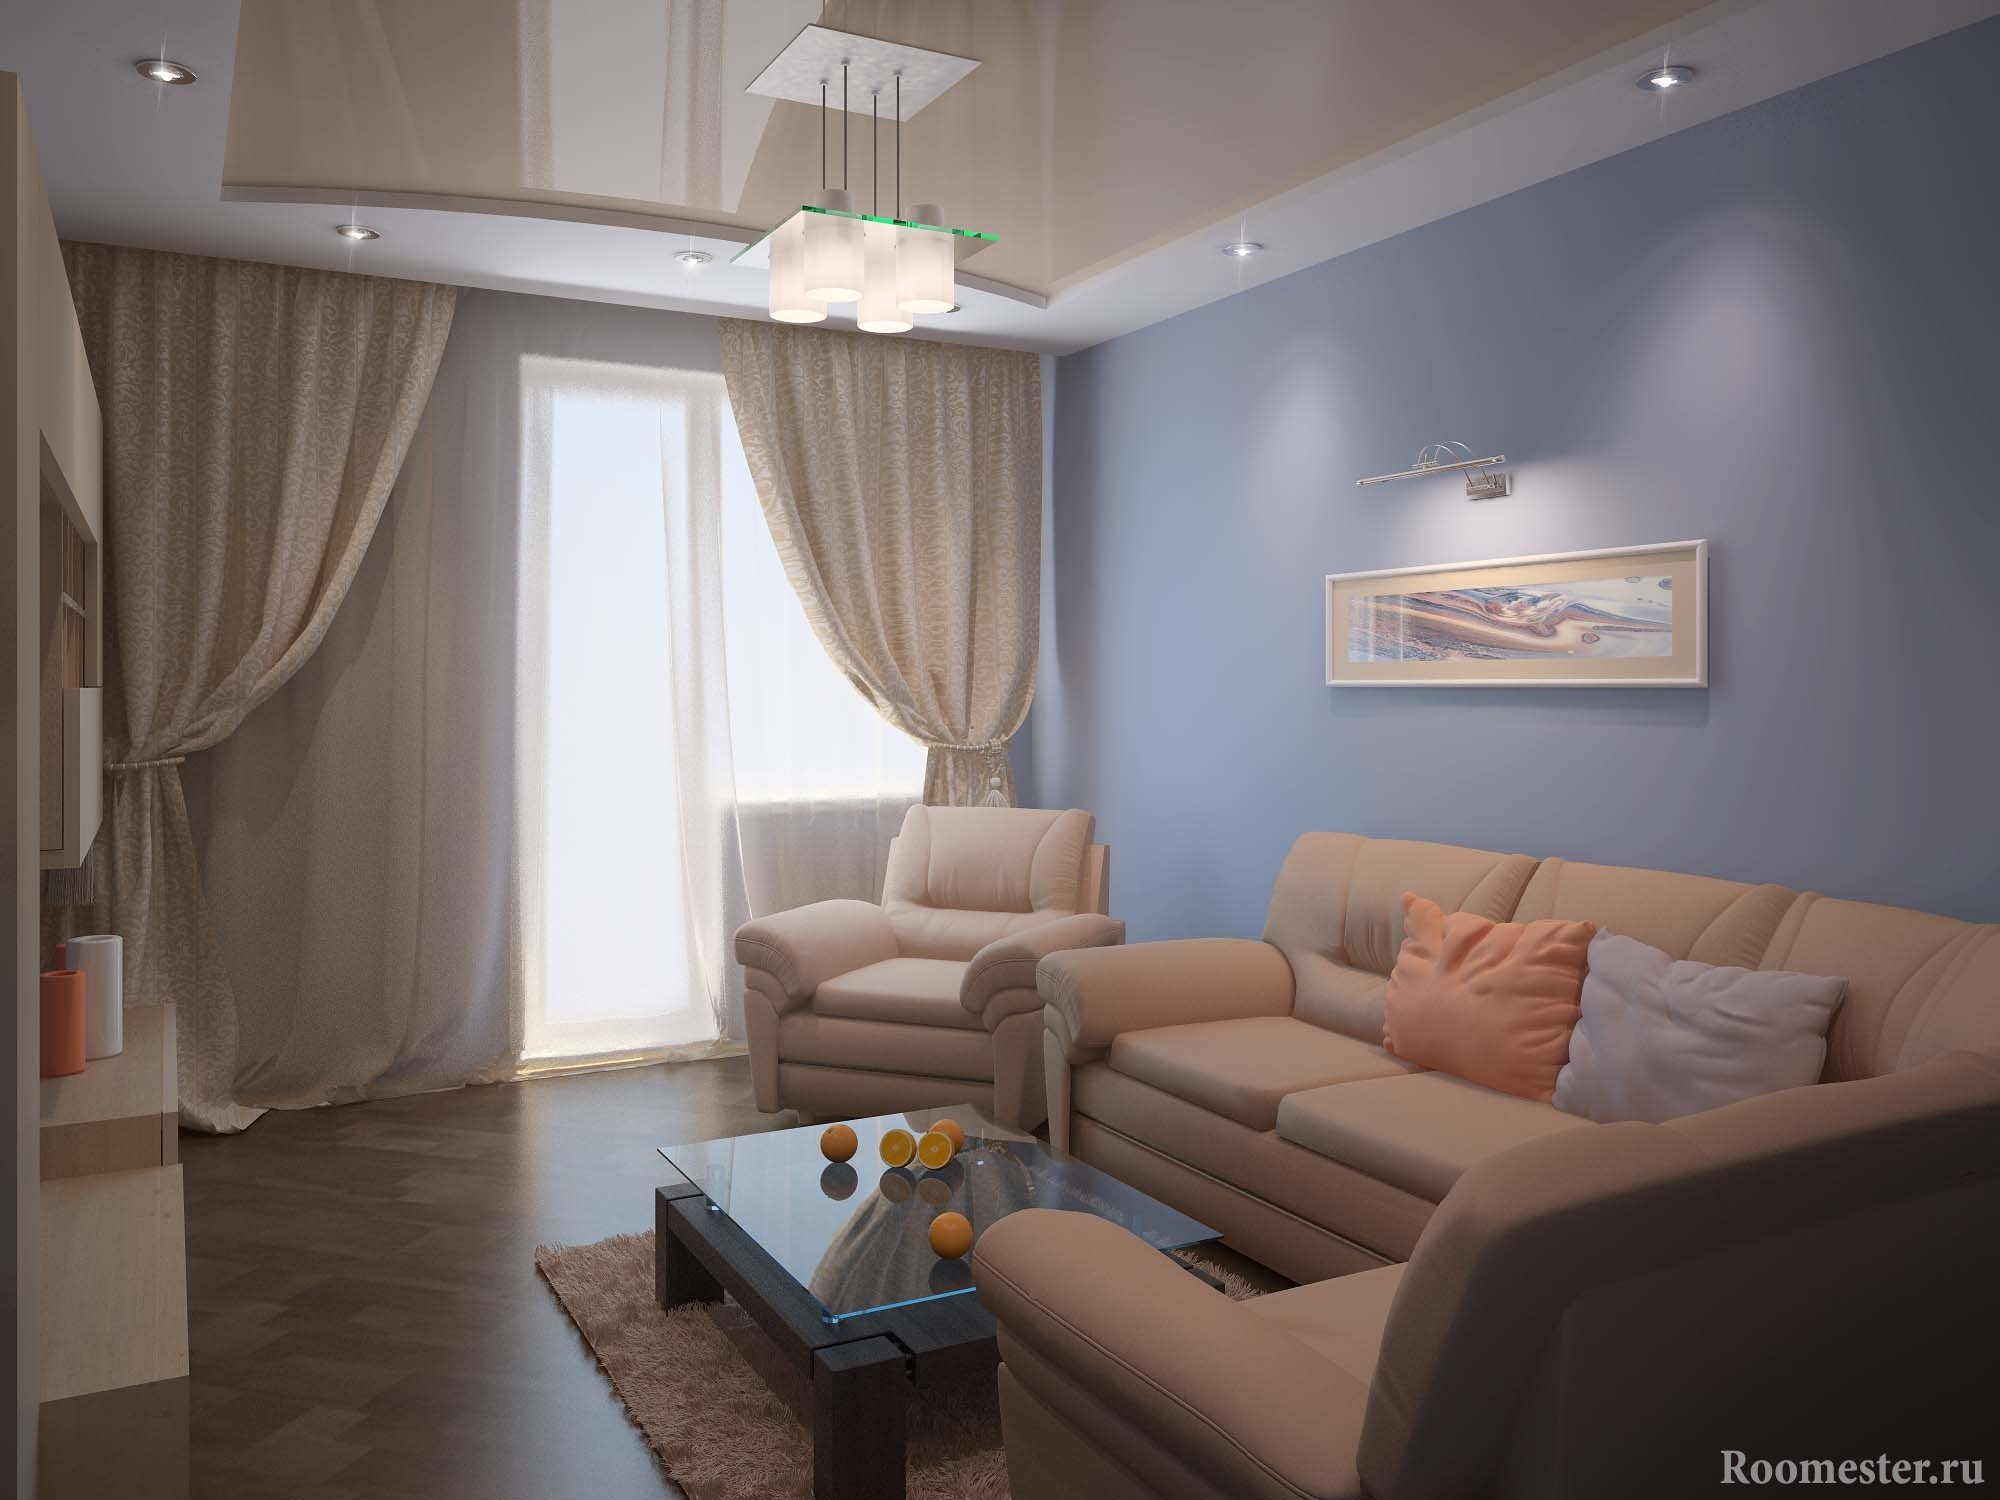 Гостиная с натяжными потолками